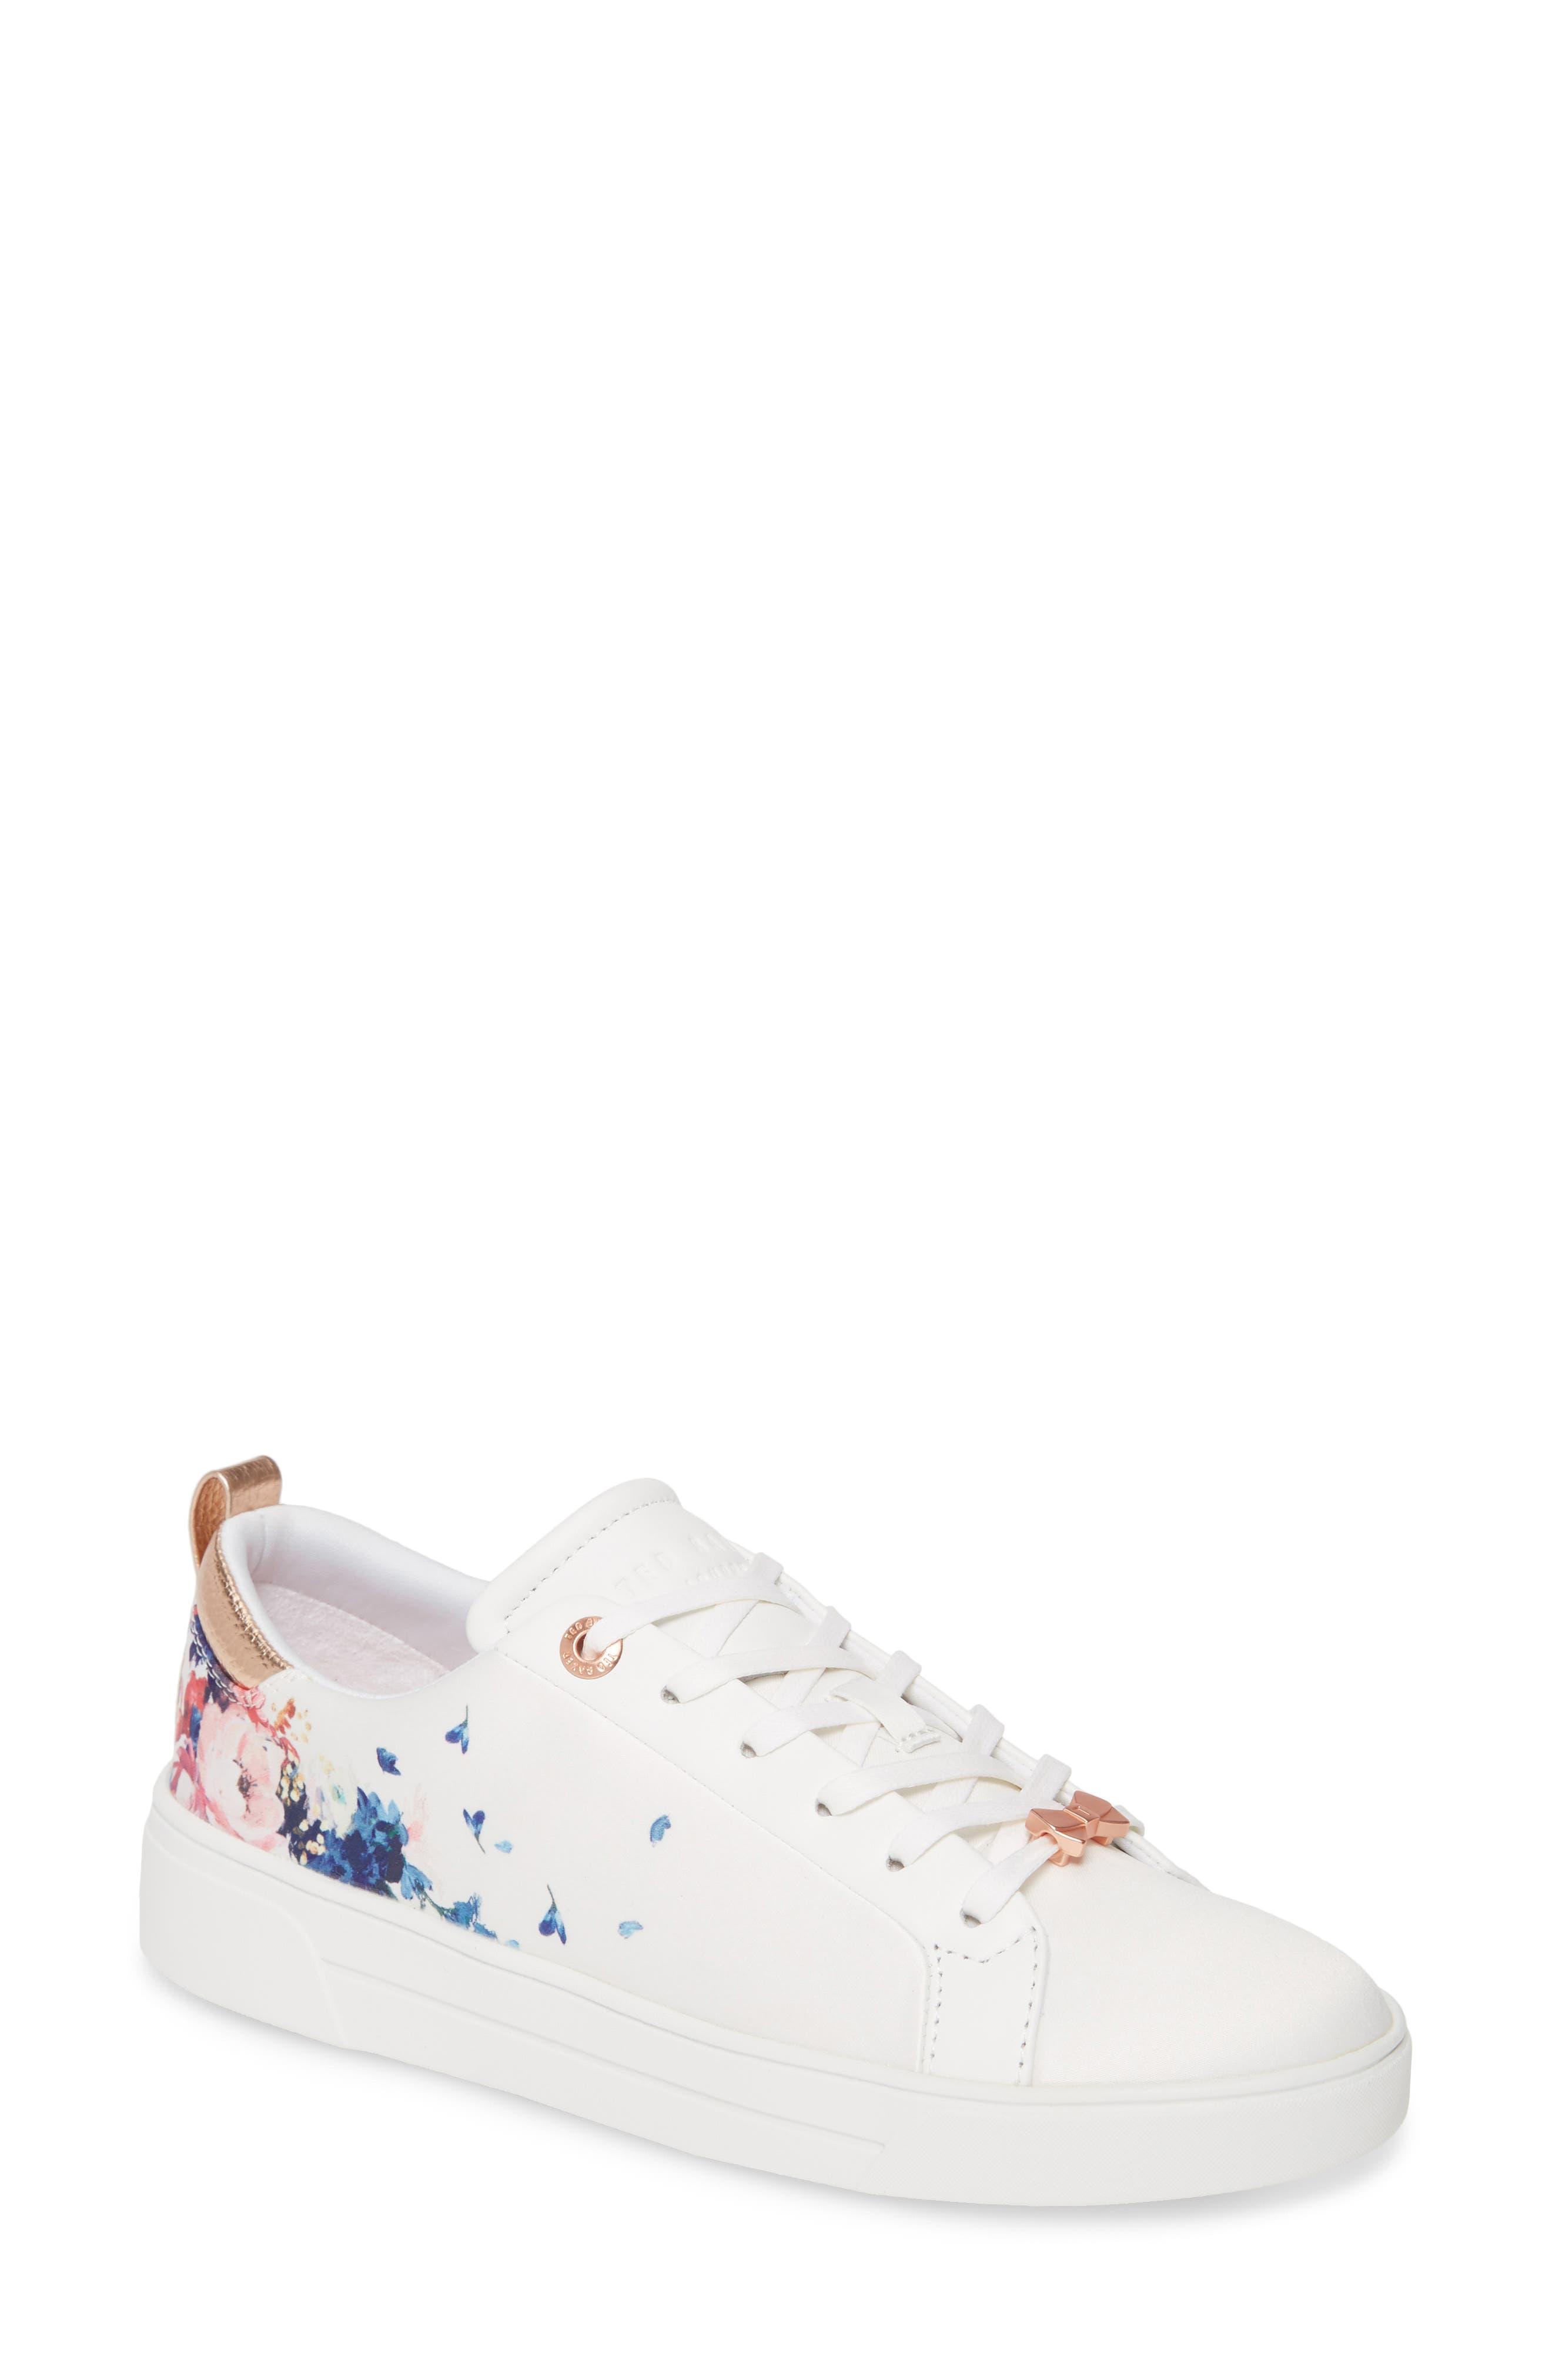 Ted Baker London Jymina Sneaker, White